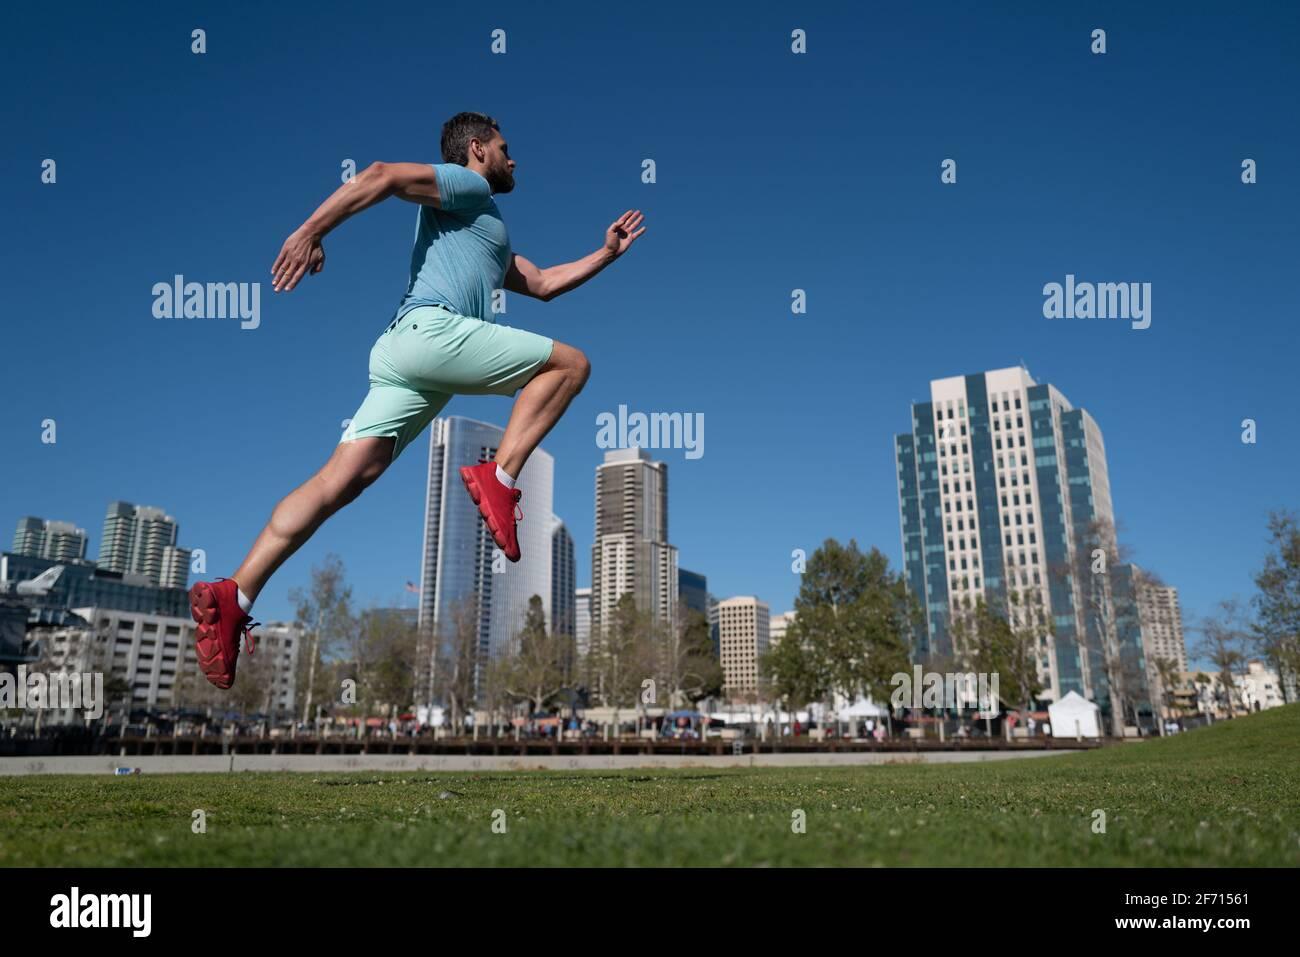 Pies de atleta corriendo en el parque de la ciudad. Concepto de jogging al aire libre. Hombre corriendo para hacer ejercicio sobre el fondo de la ciudad. Foto de stock